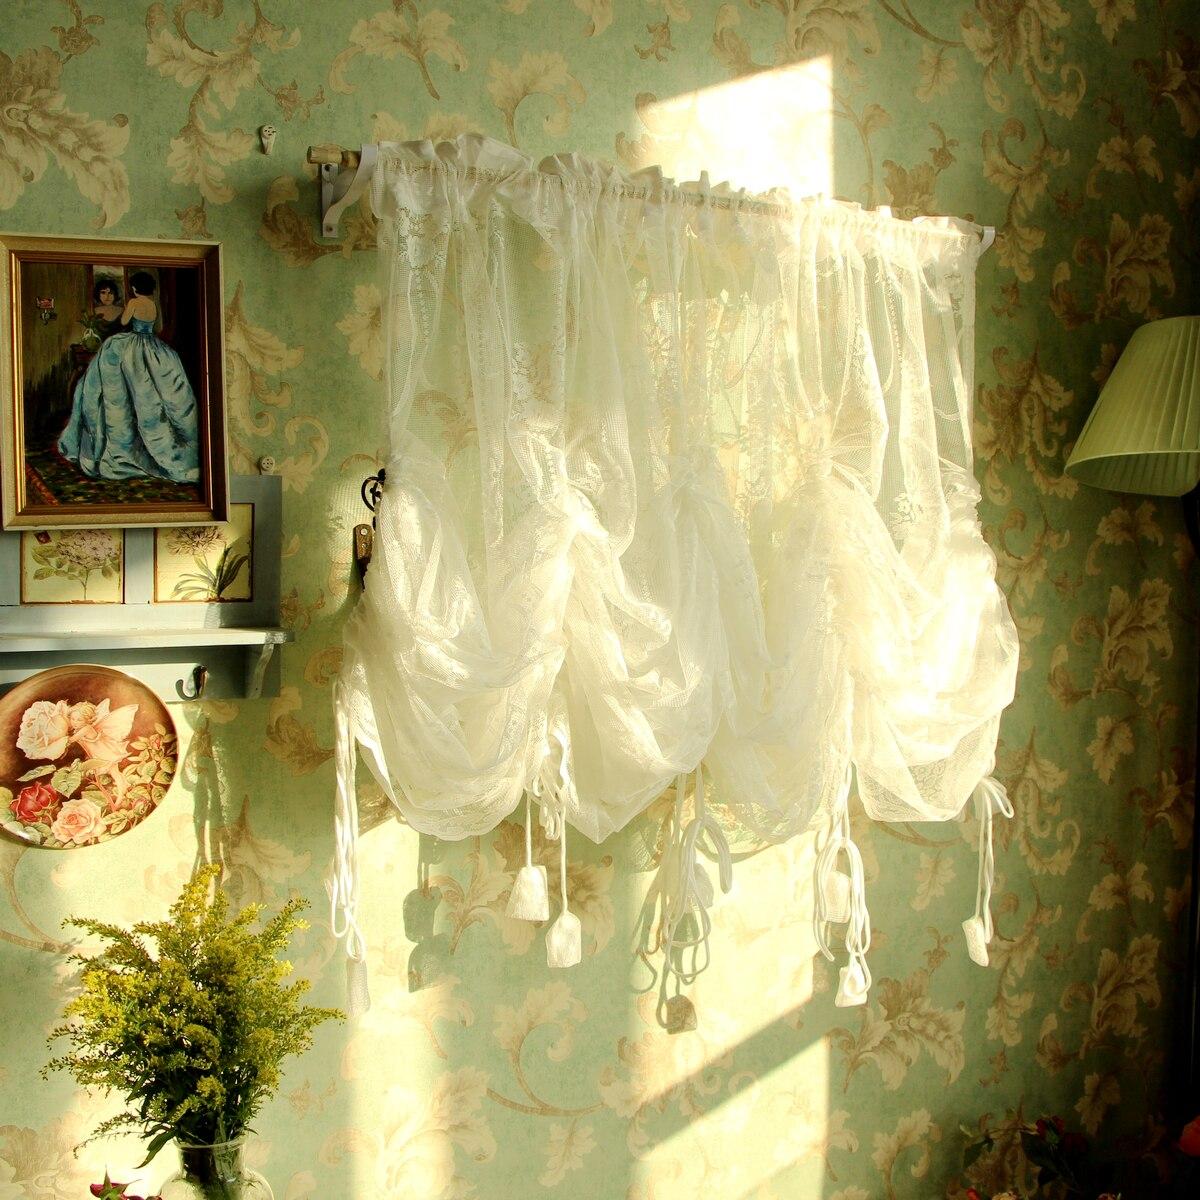 Américain pastorale dentelle pure rideaux fenêtre décoration Tulle pour salon corde porte rideau romantique Gardinen